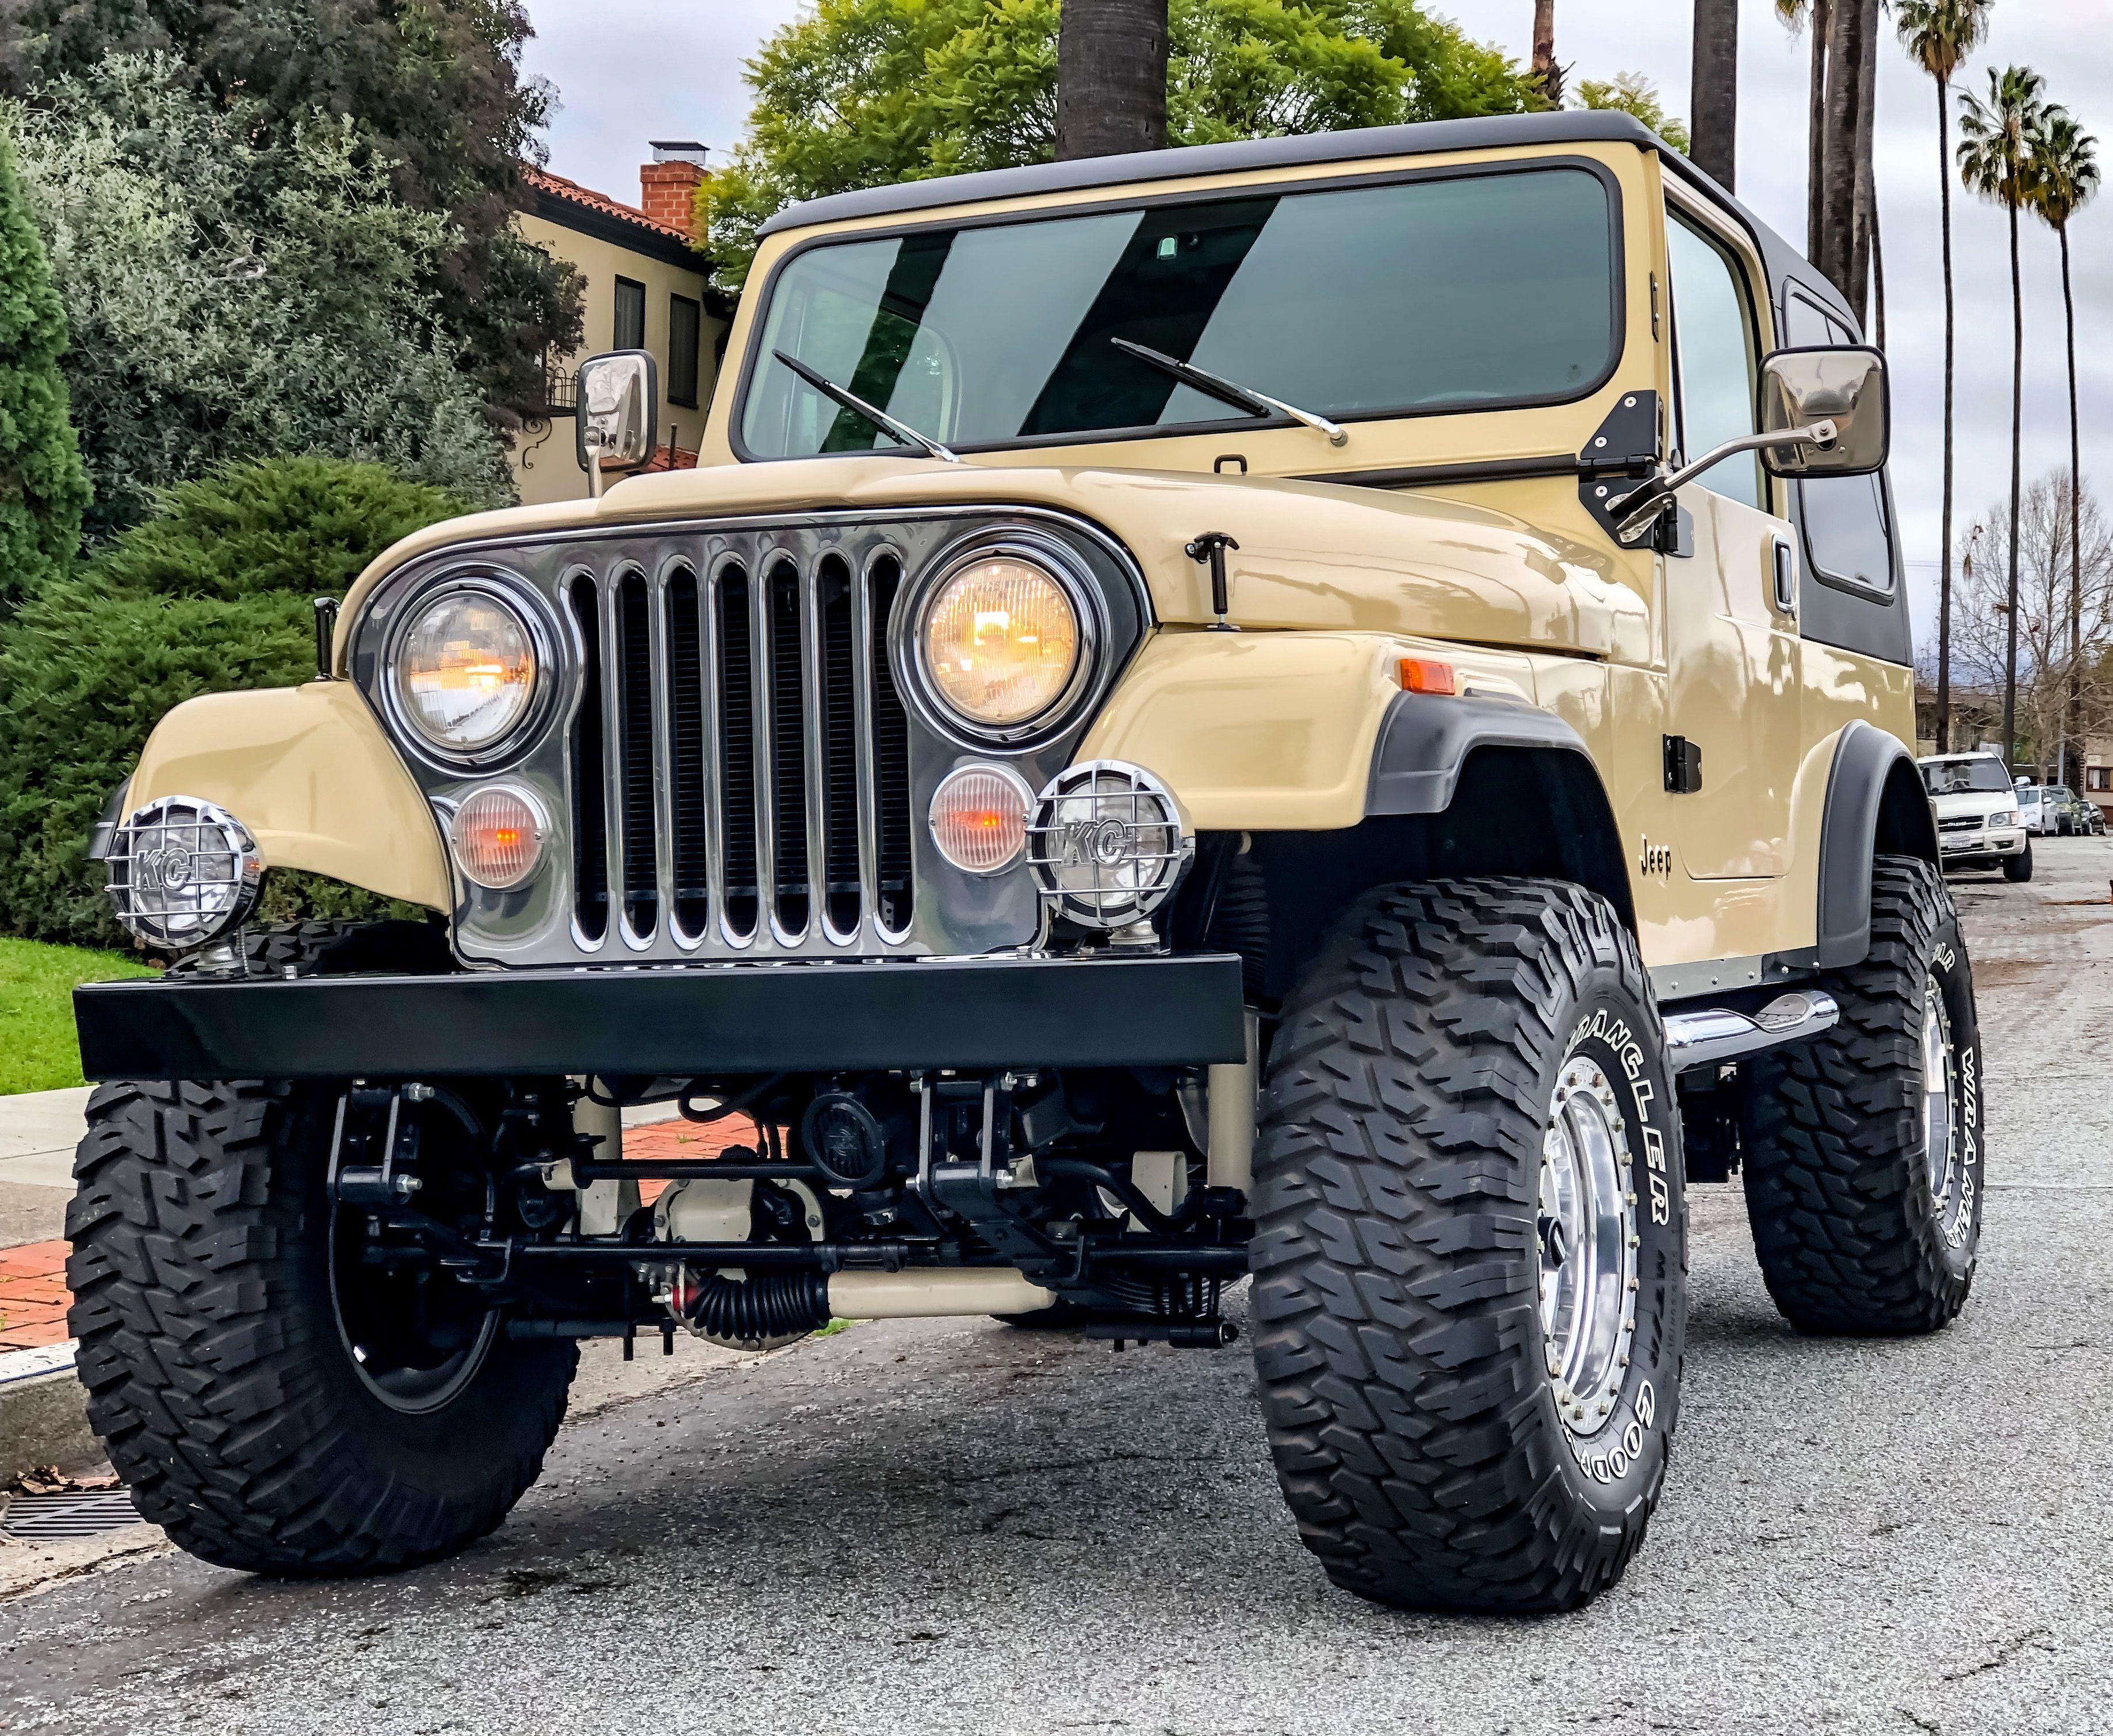 1985 Cj7 Jeep Cj Jeep Cj7 Jeep Cj5